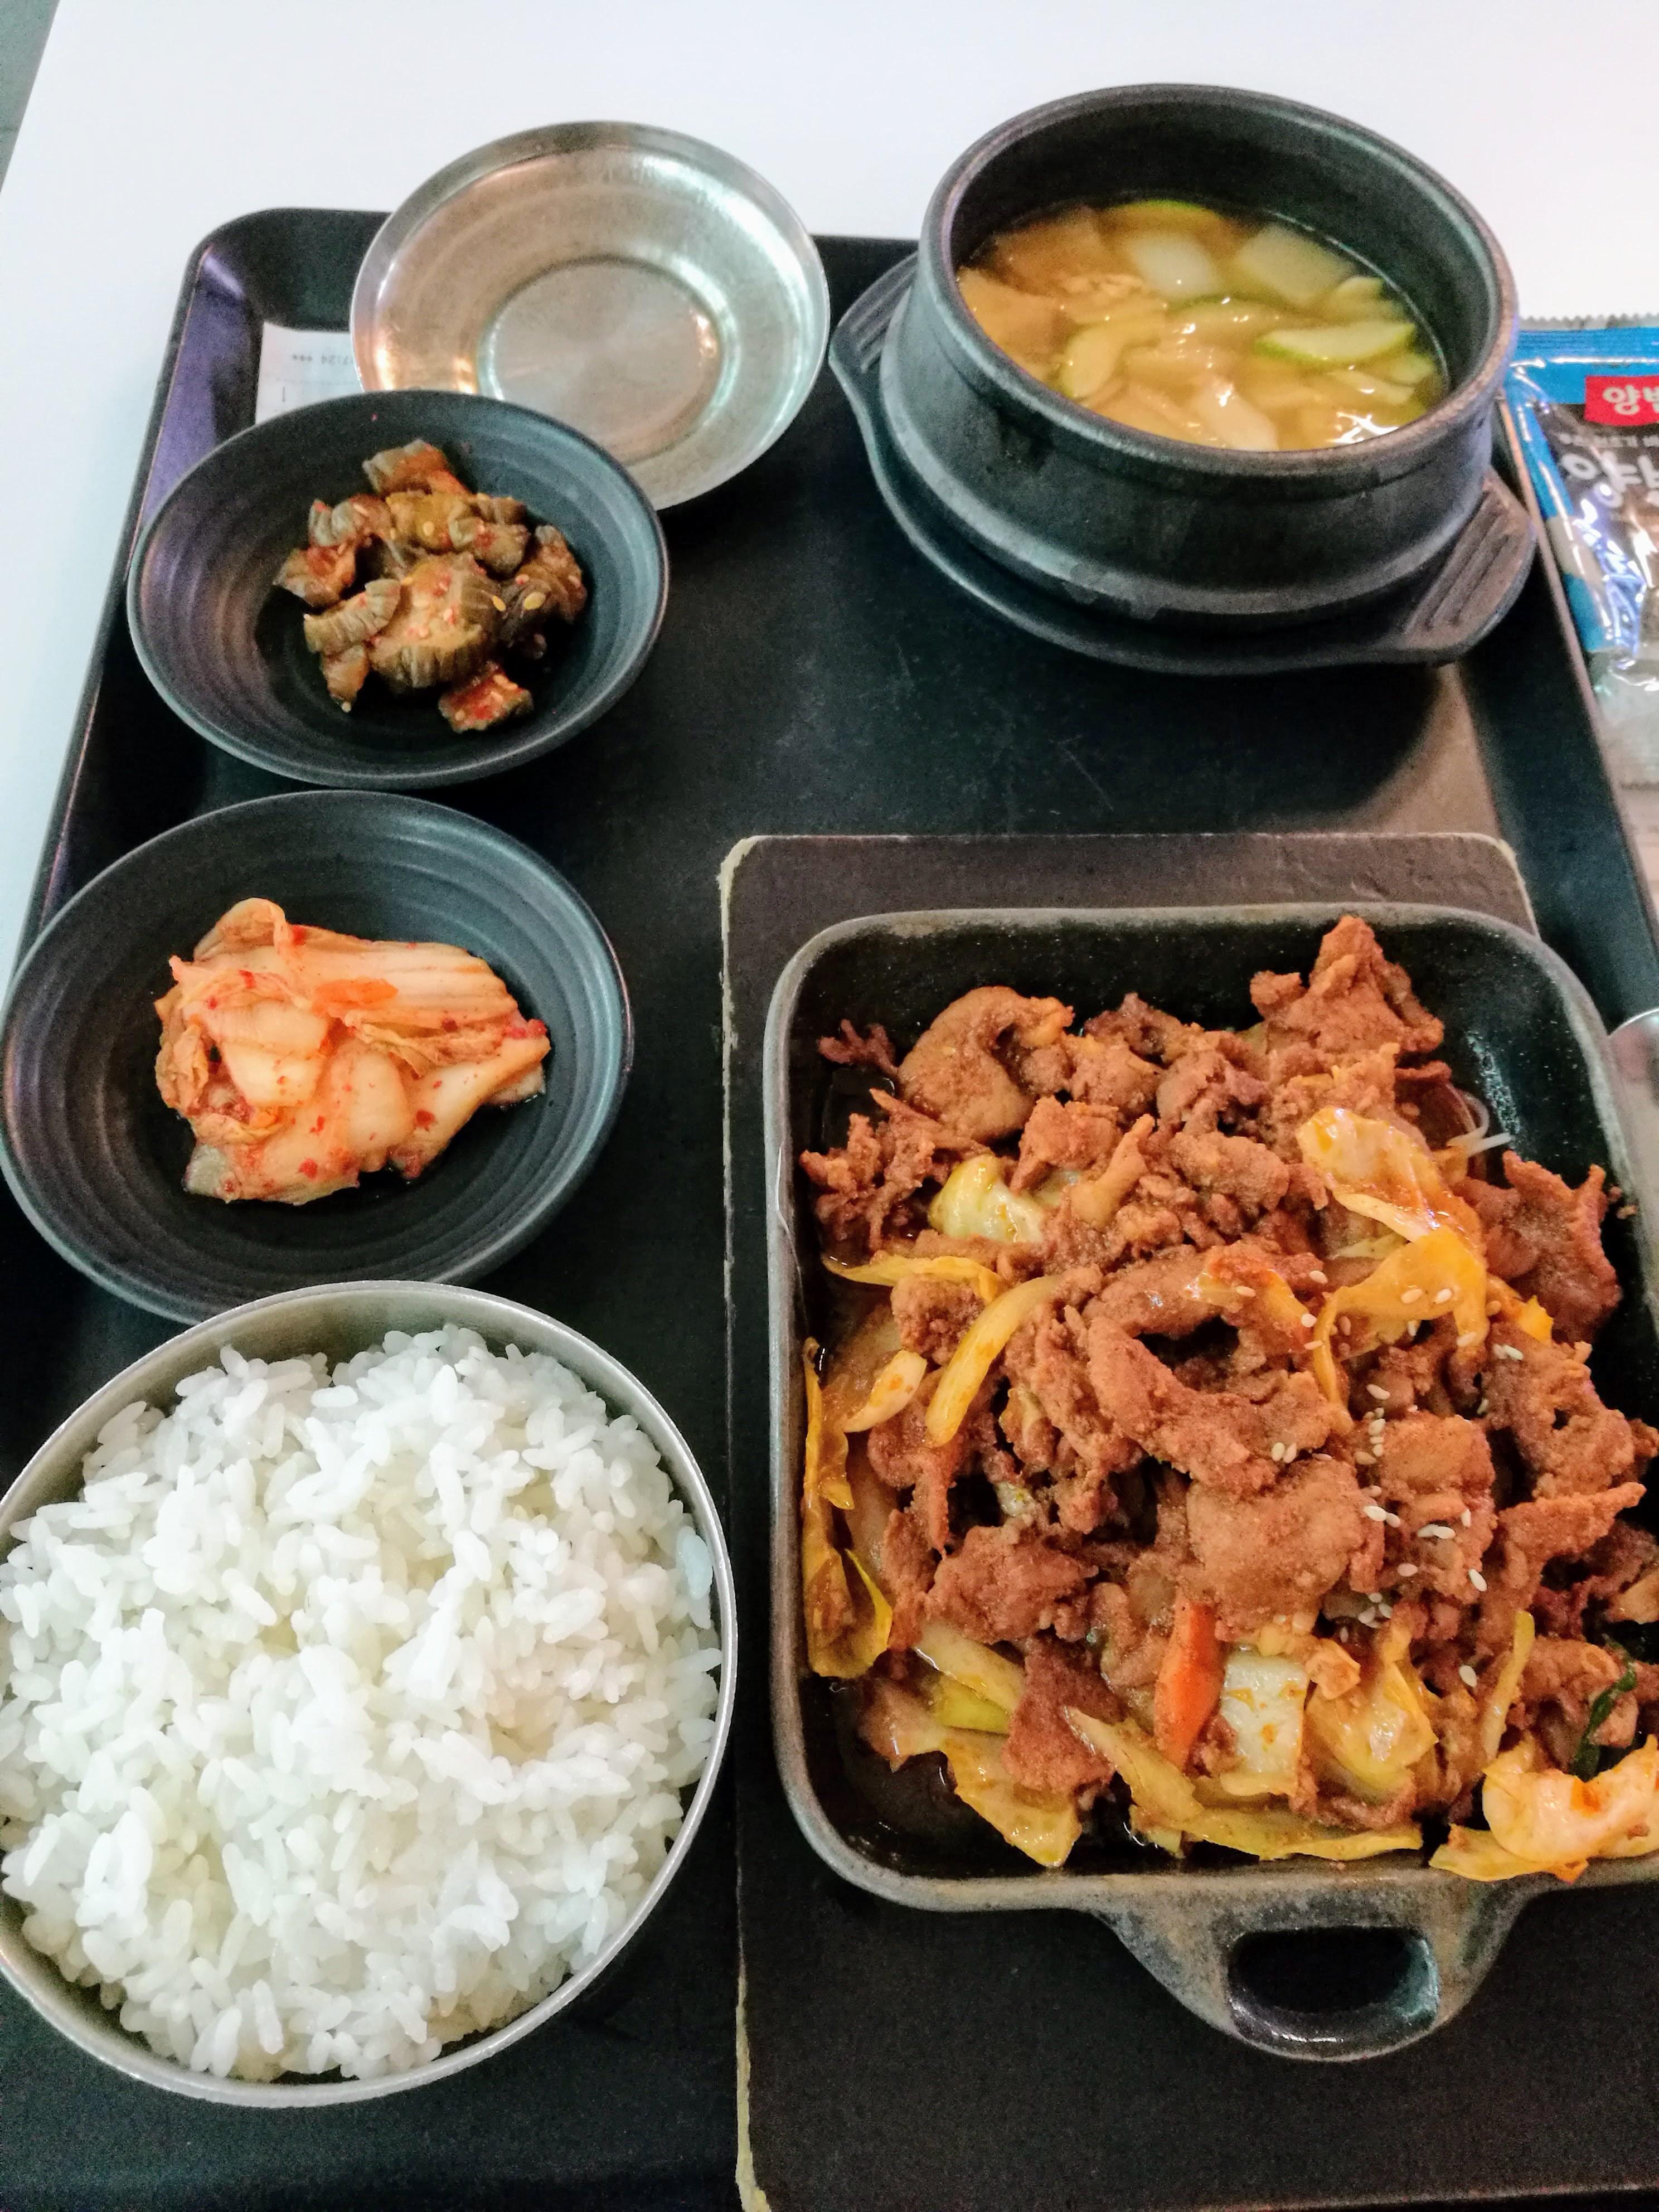 reptéri kaja 2000 forintból: bulgogi, rizs, töndzsang (szójakrém) leves, kimcshi, oi szobagi (csípős uborka).